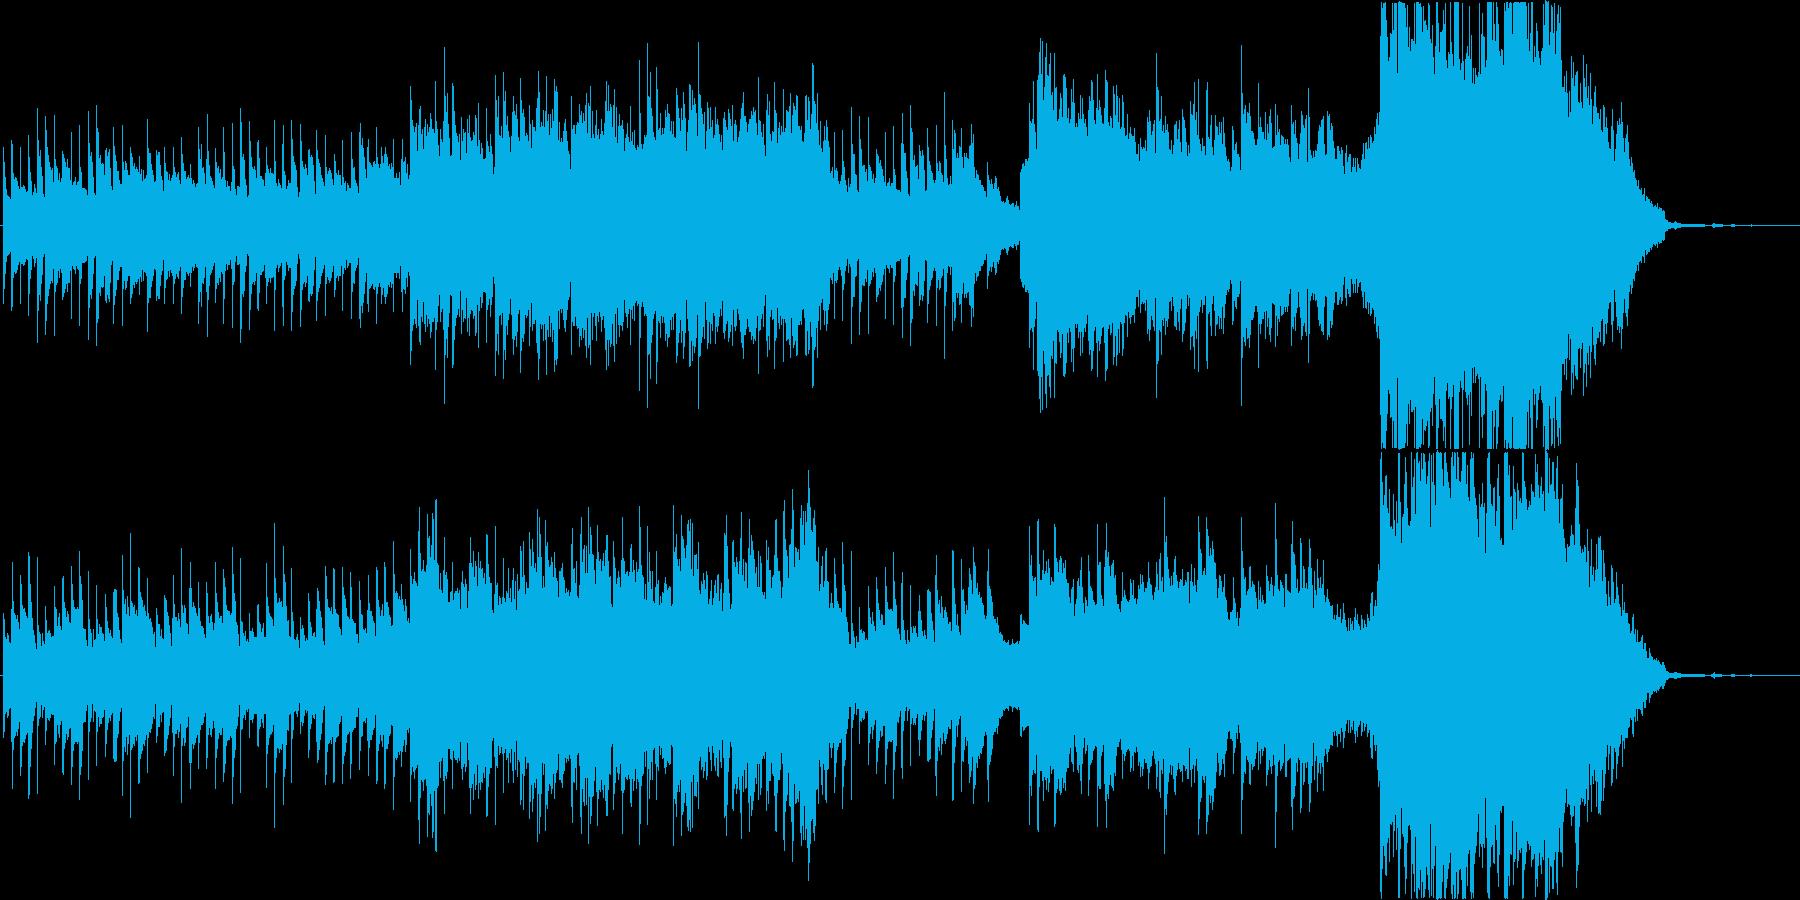 プラネタリウムをイメージしたオーケストラの再生済みの波形